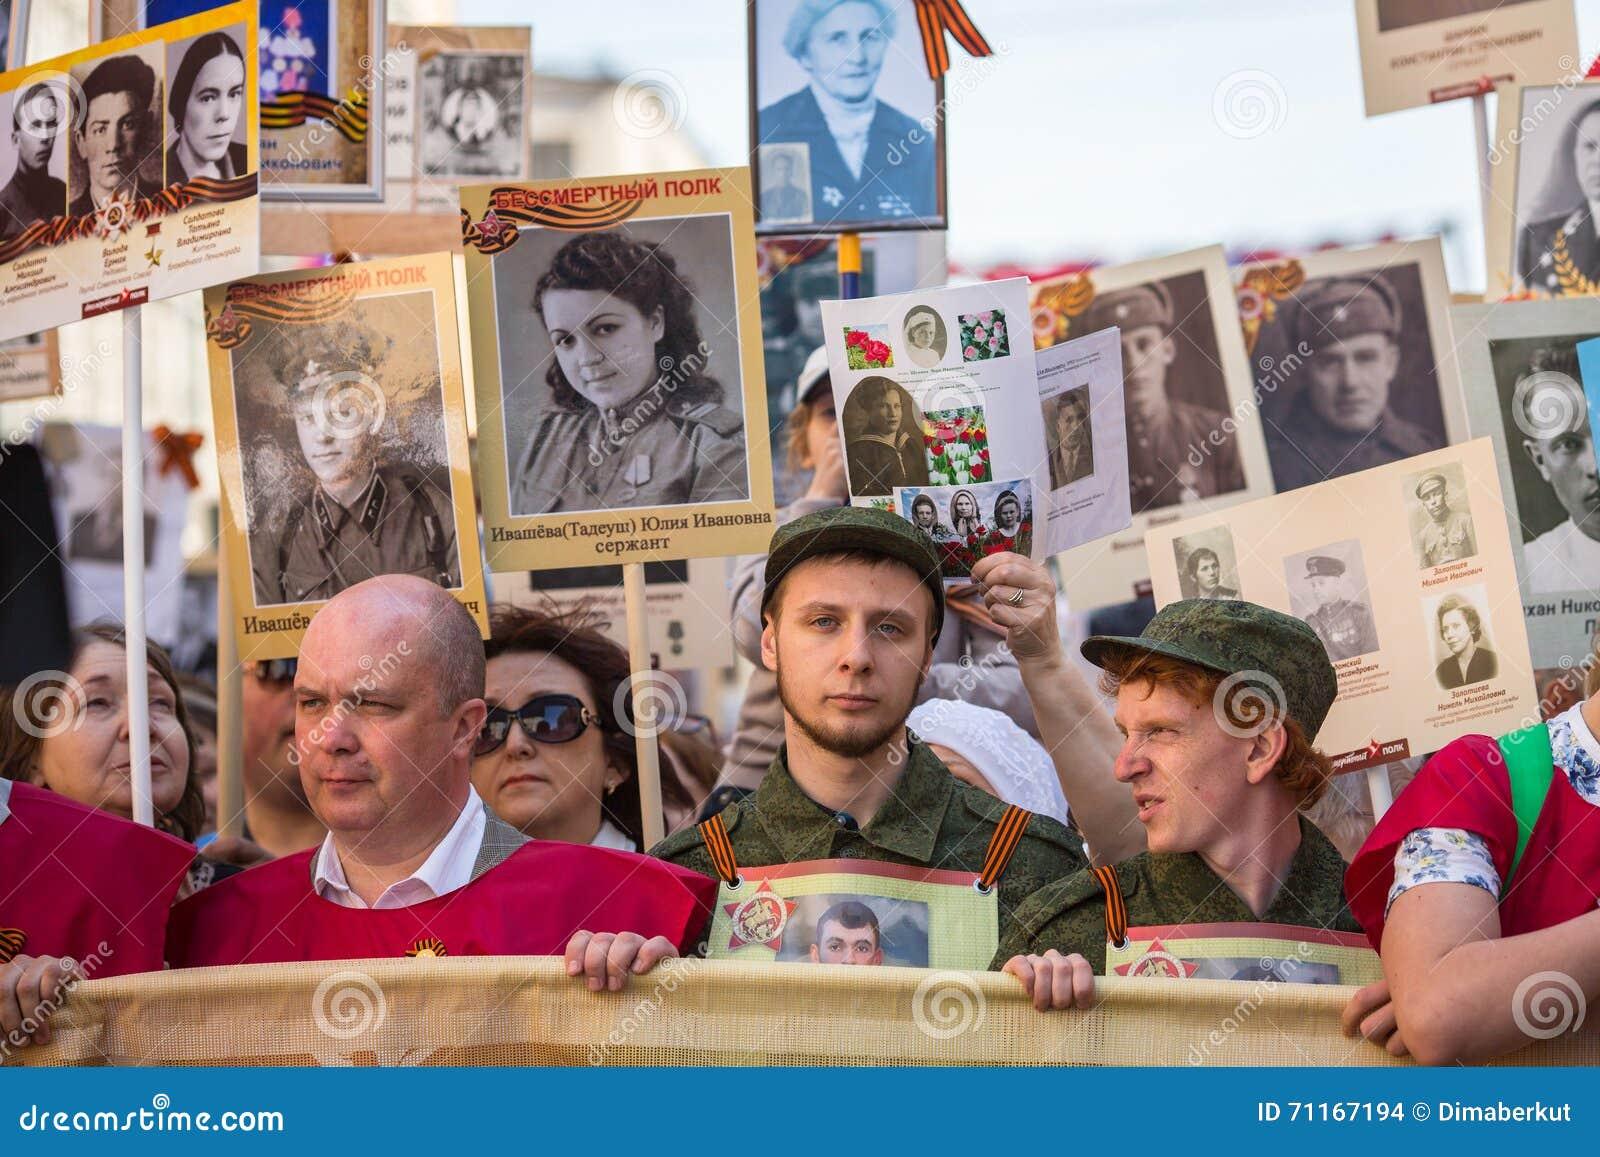 Deelnemers van Onsterfelijk Regiment - openbare actie, waarin de deelnemers banners/portretten droegen